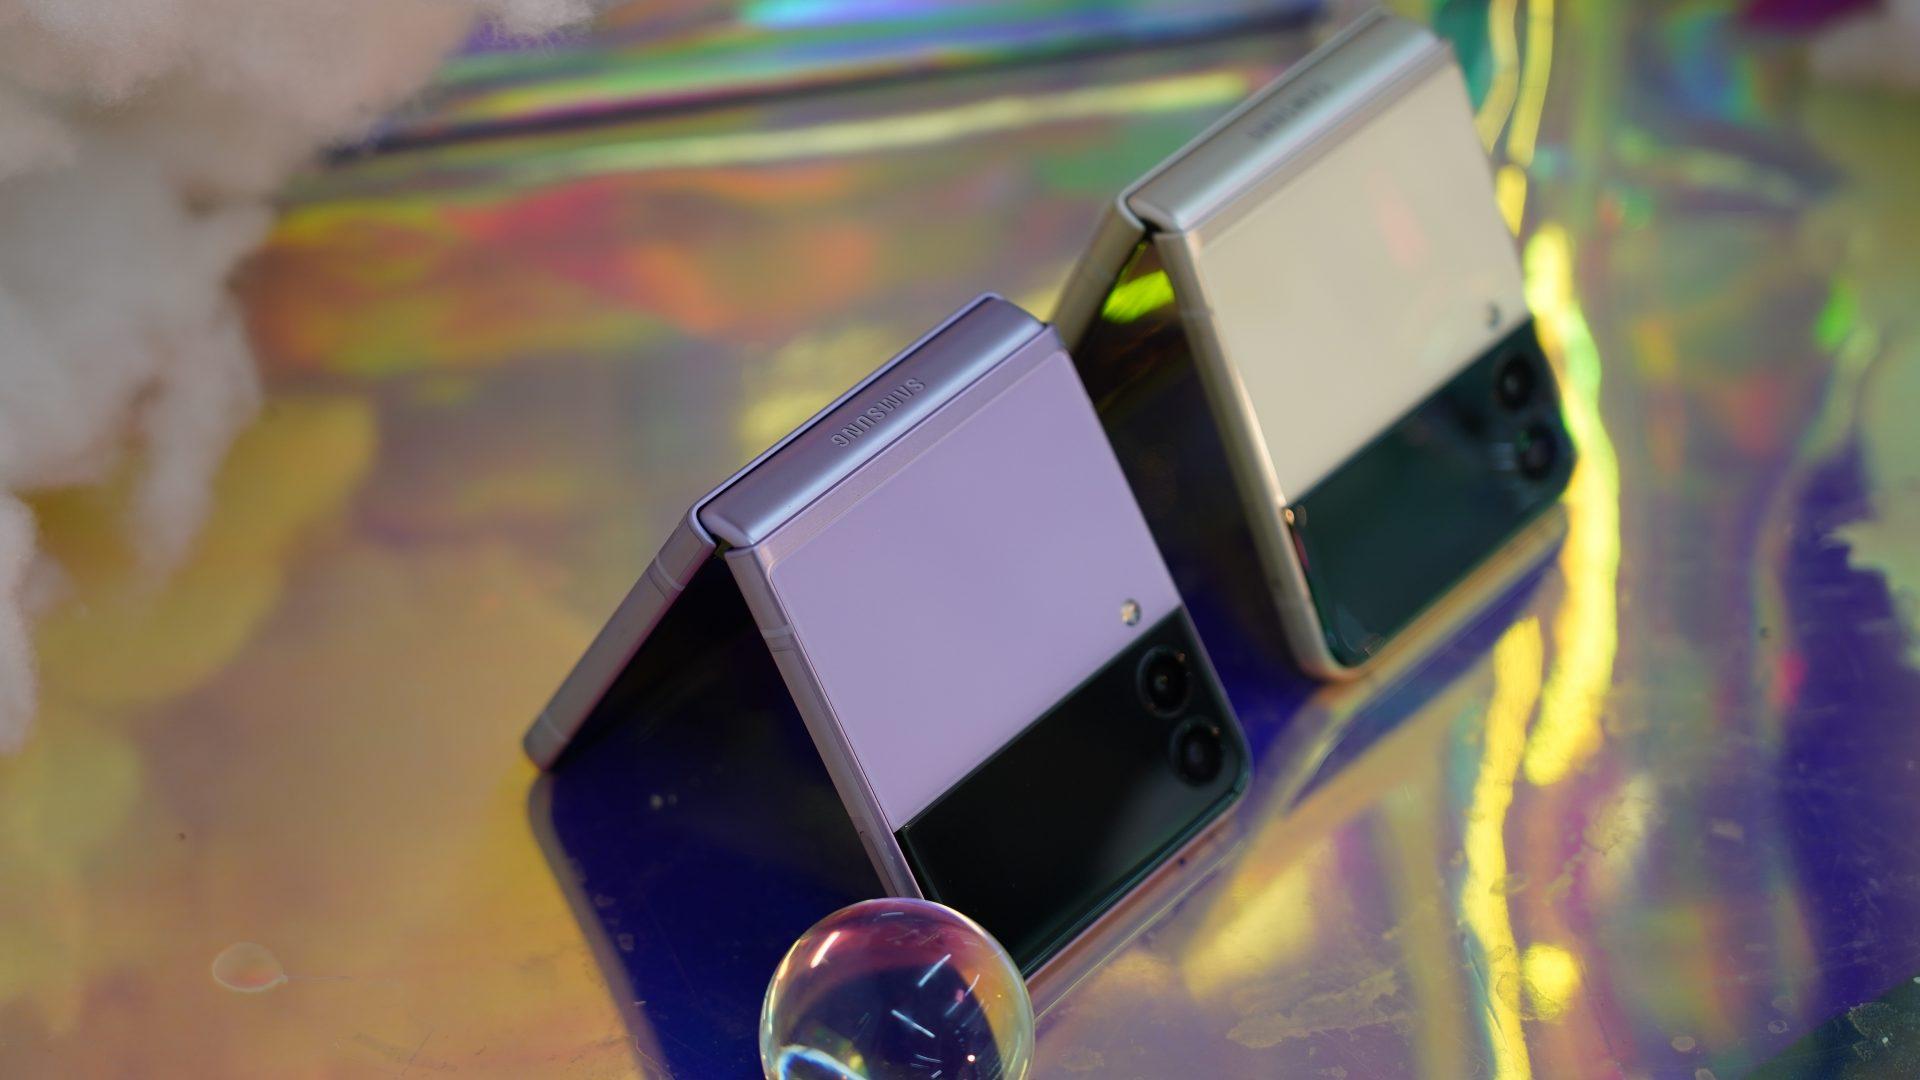 Samsung Новите сгъваеми смартфони на Samsung предлагат значителни подобрения А1 Блог